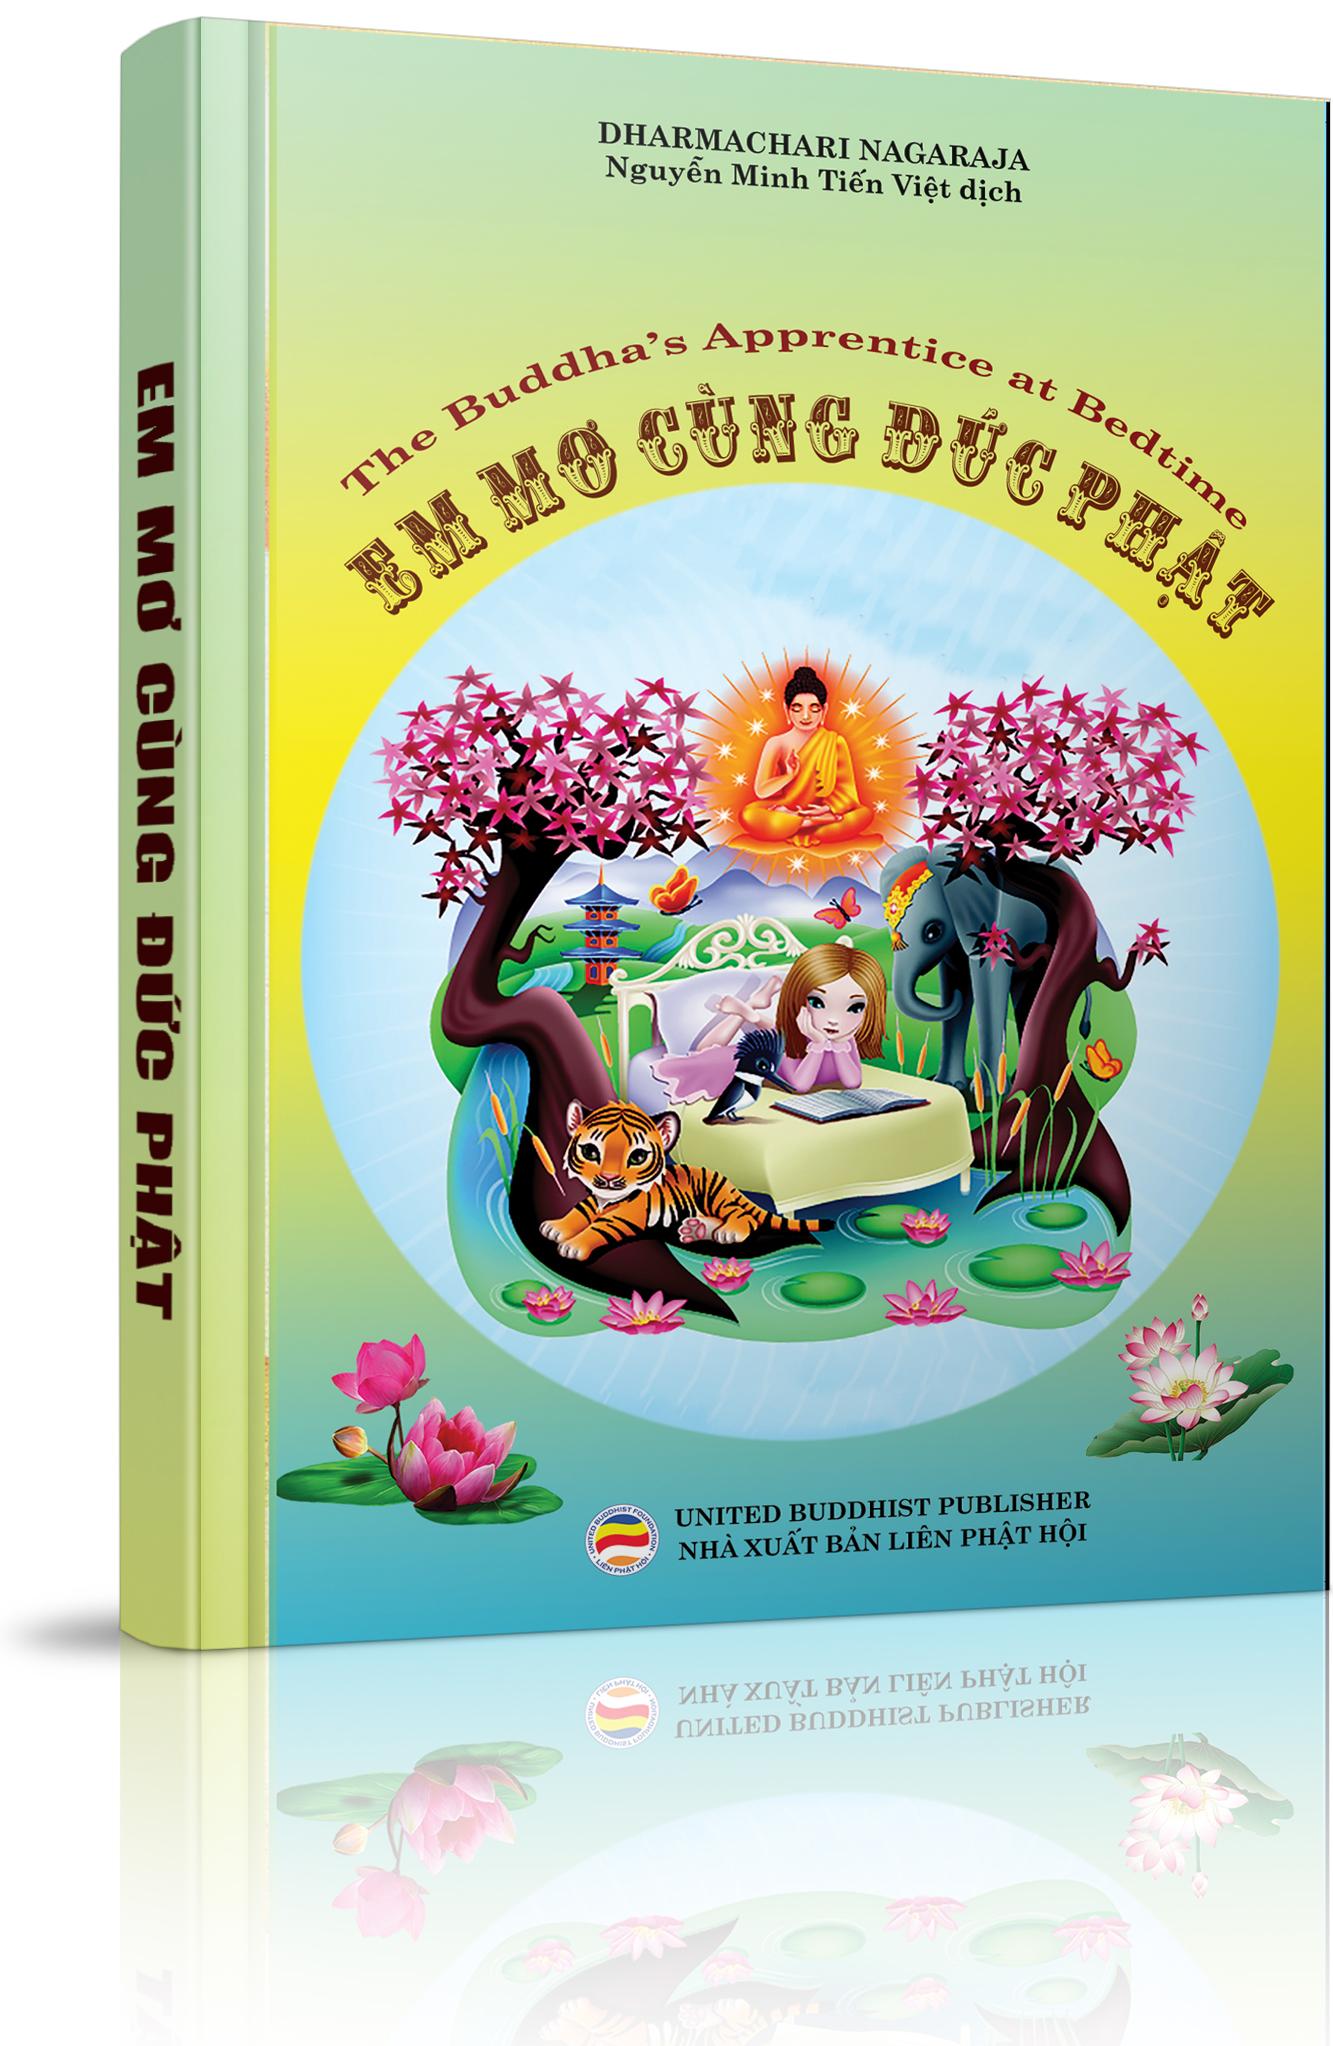 Em mơ cùng Đức Phật - Phần dẫn nhập